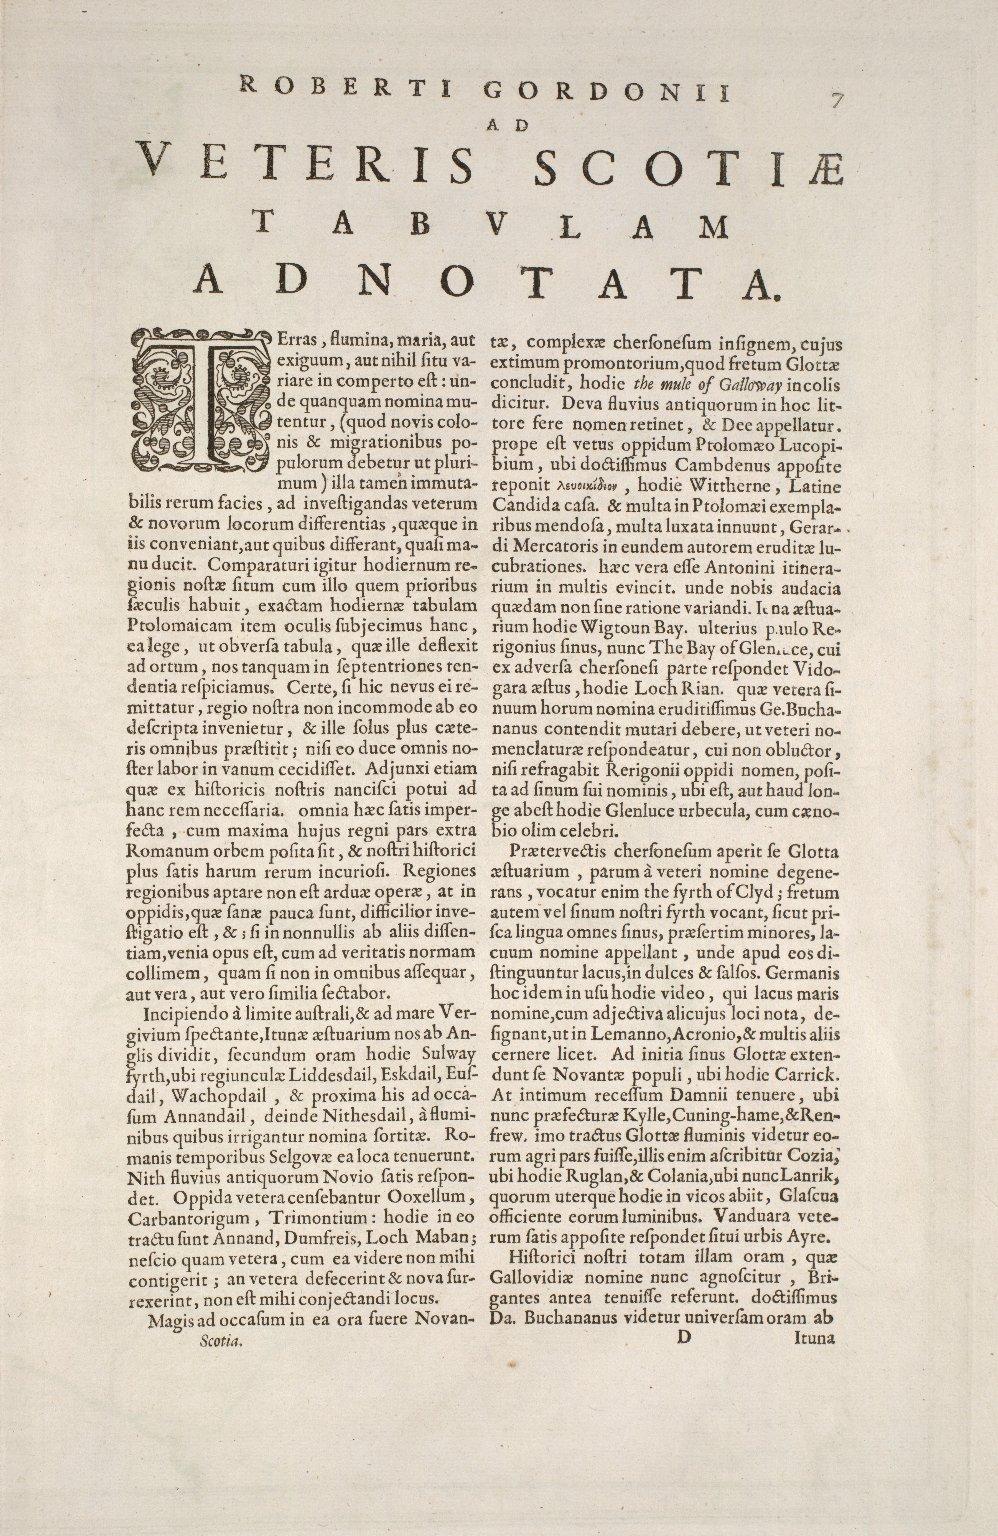 Scotia antiqua : qualis priscis temporibus, Romanis praesertim, cognita fuit quam in lucem eruere conabatur [1 of 3]